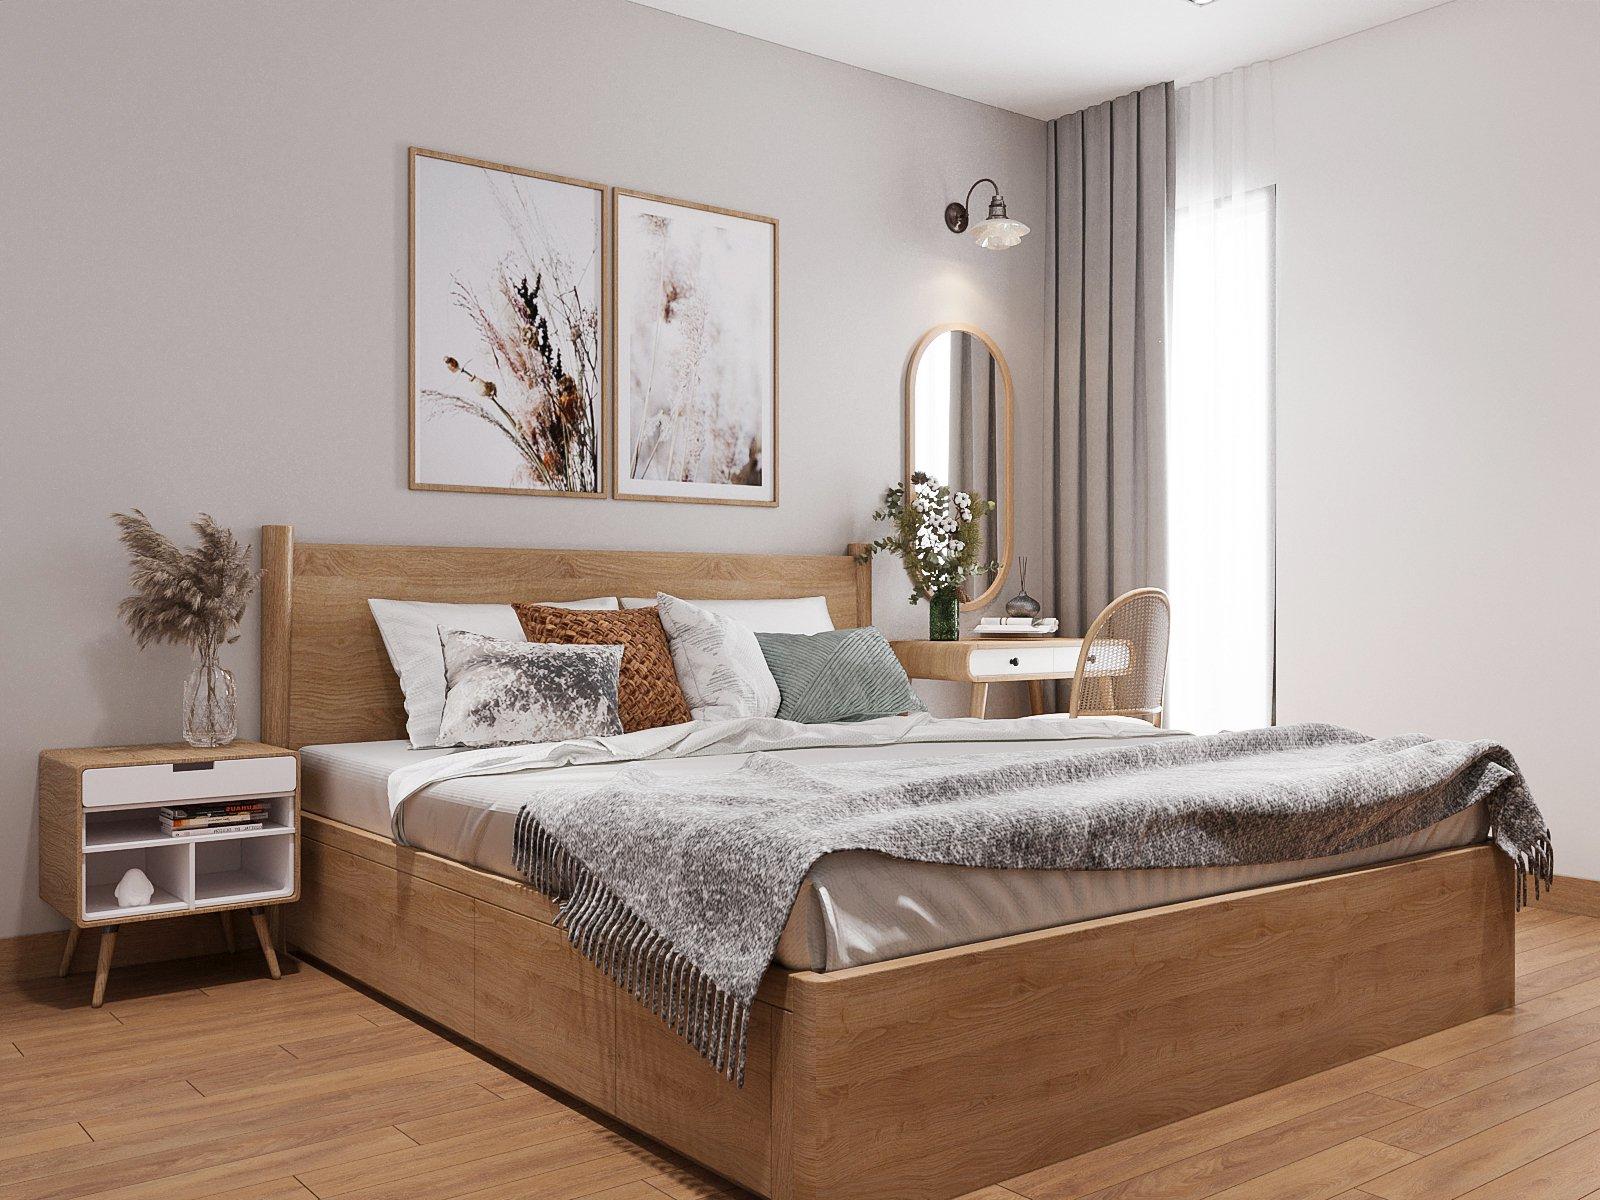 Không gian phòng ngủ master rộng thoáng với tâm điểm là khu vực giường ngủ bằng gỗ mộc mạc, decor theo lối đối xứng cân đối hài hòa.